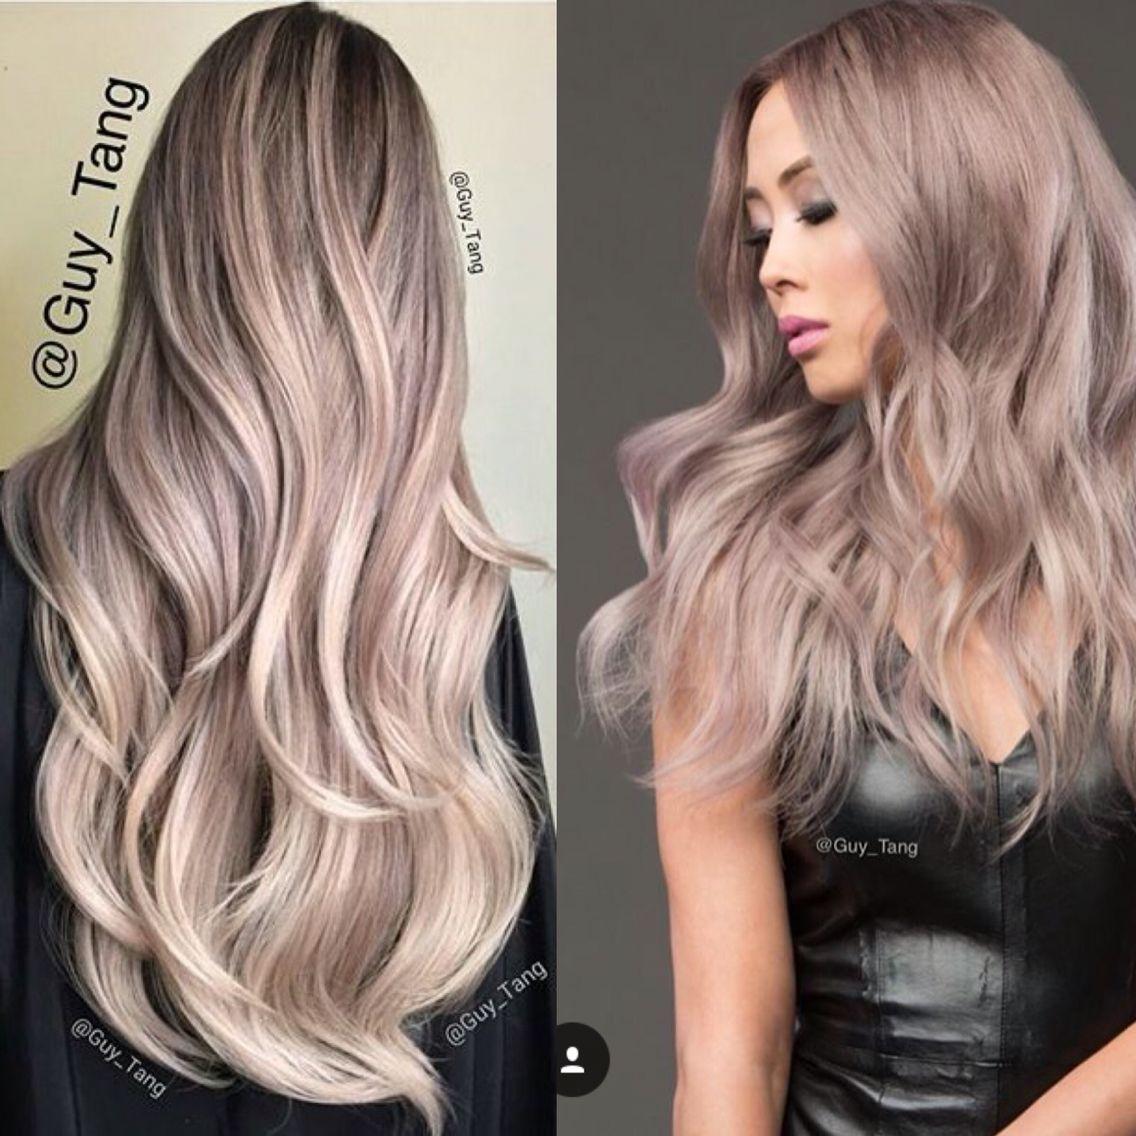 Pearl Balayage Hair Hair Pinterest Balayage Pearls And Hair Coloring